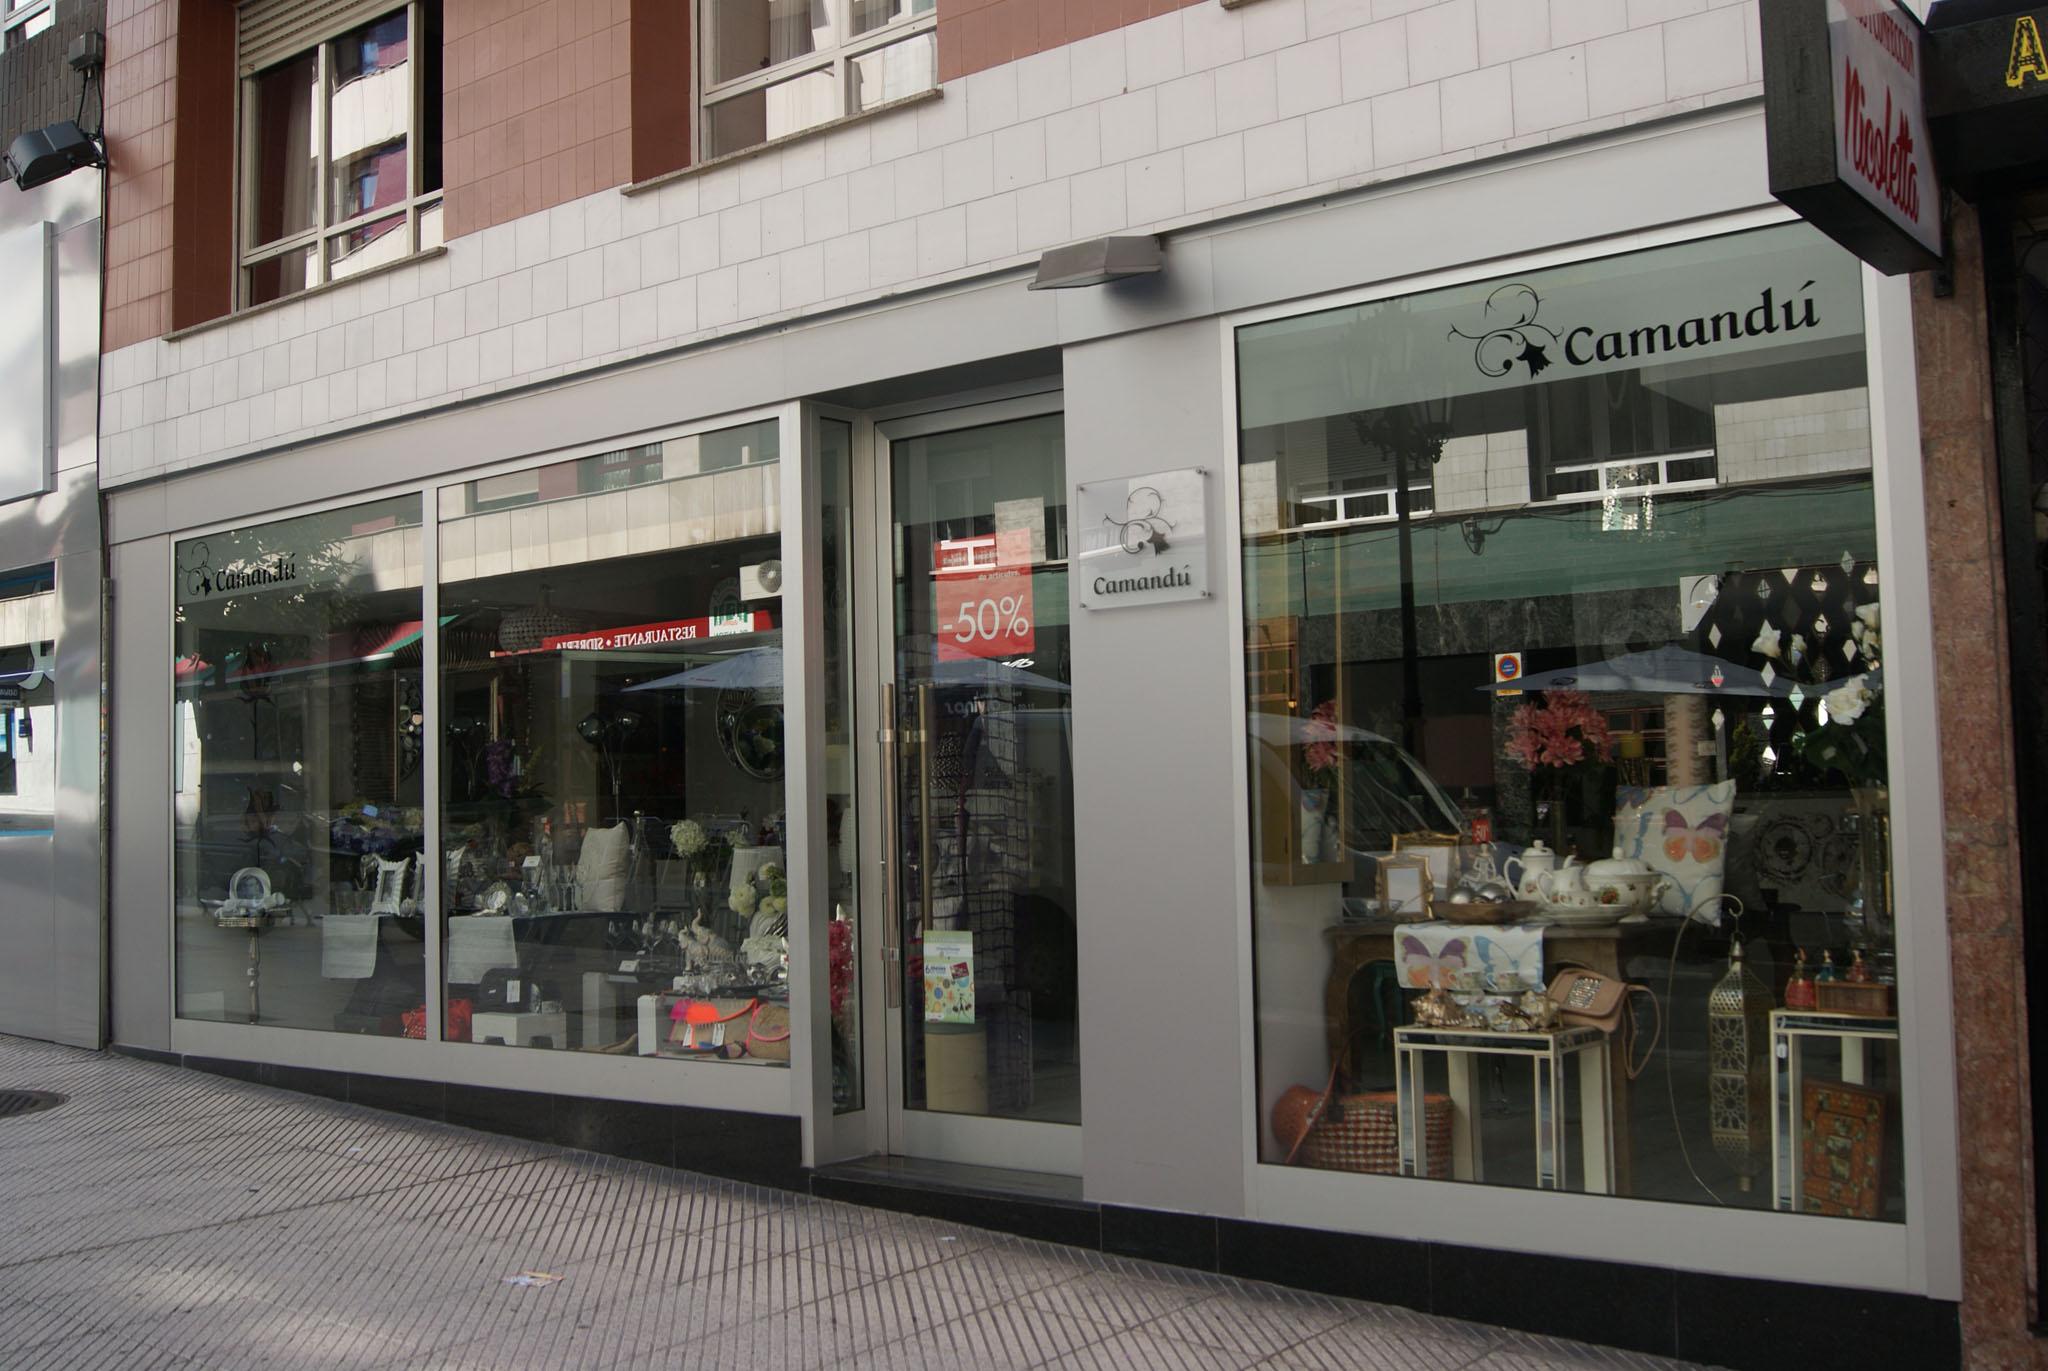 Decoración y Regalos Camandú – Calle León y Escosura – Oviedo